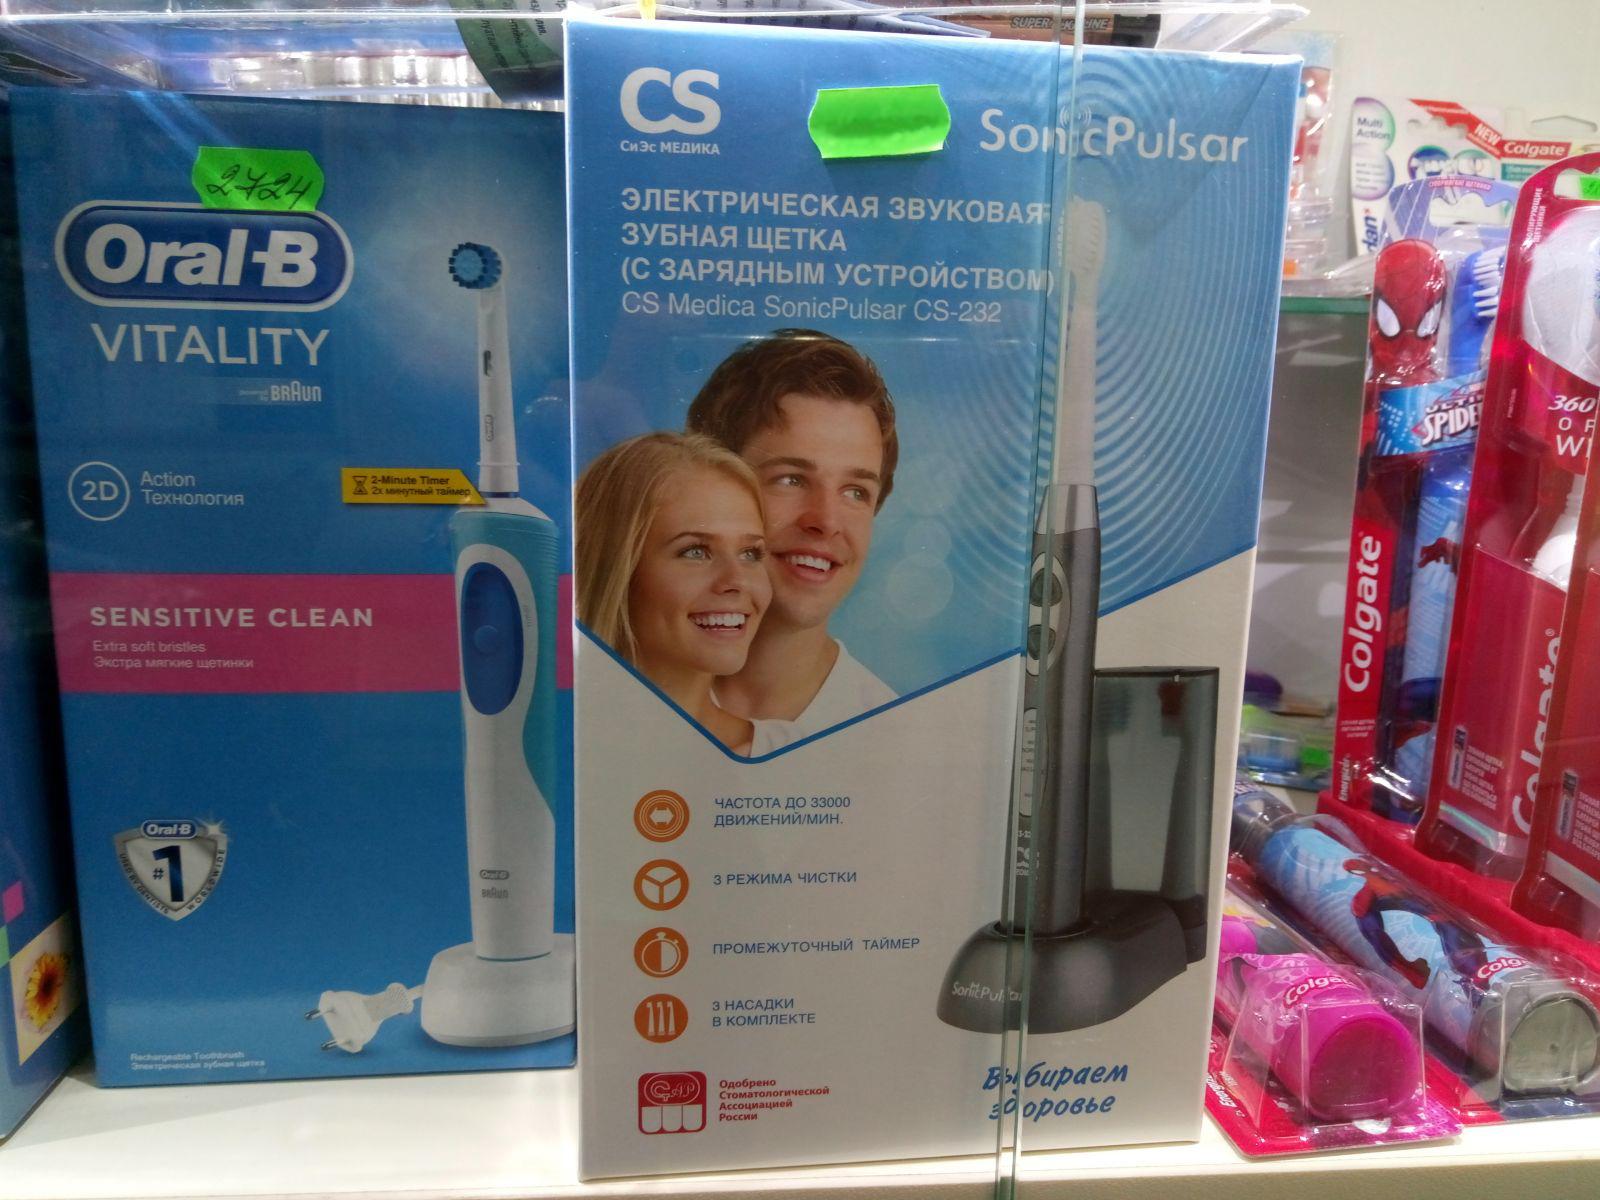 Электрическая зубная щетка CS Medica SonicPulsar CS-232